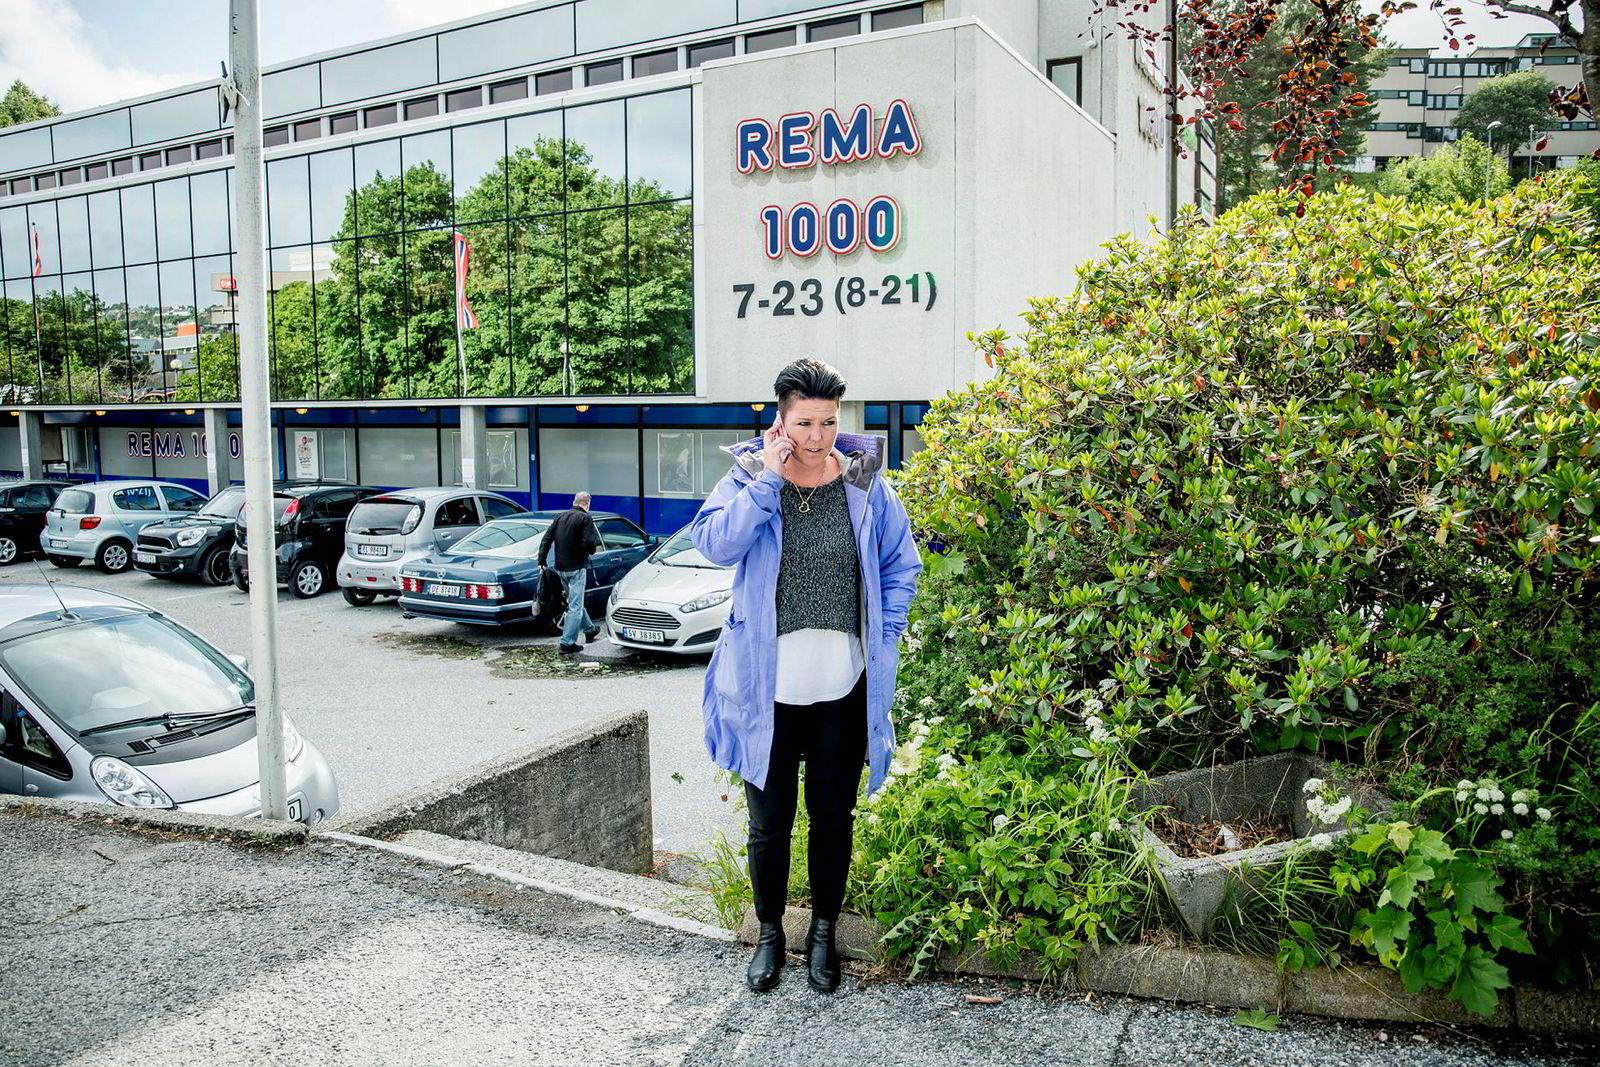 Vibecke Wiik overtok i 2013 Rema Spectrum i Fyllingsdalen. Det startet med rød løper og omsetningsvekst. I sitt siste år som Rema-driver fikk Wiiks selskap et underskudd på 814.000 kroner. – Det var beintøft, sier hun om kjøpmannslivet.